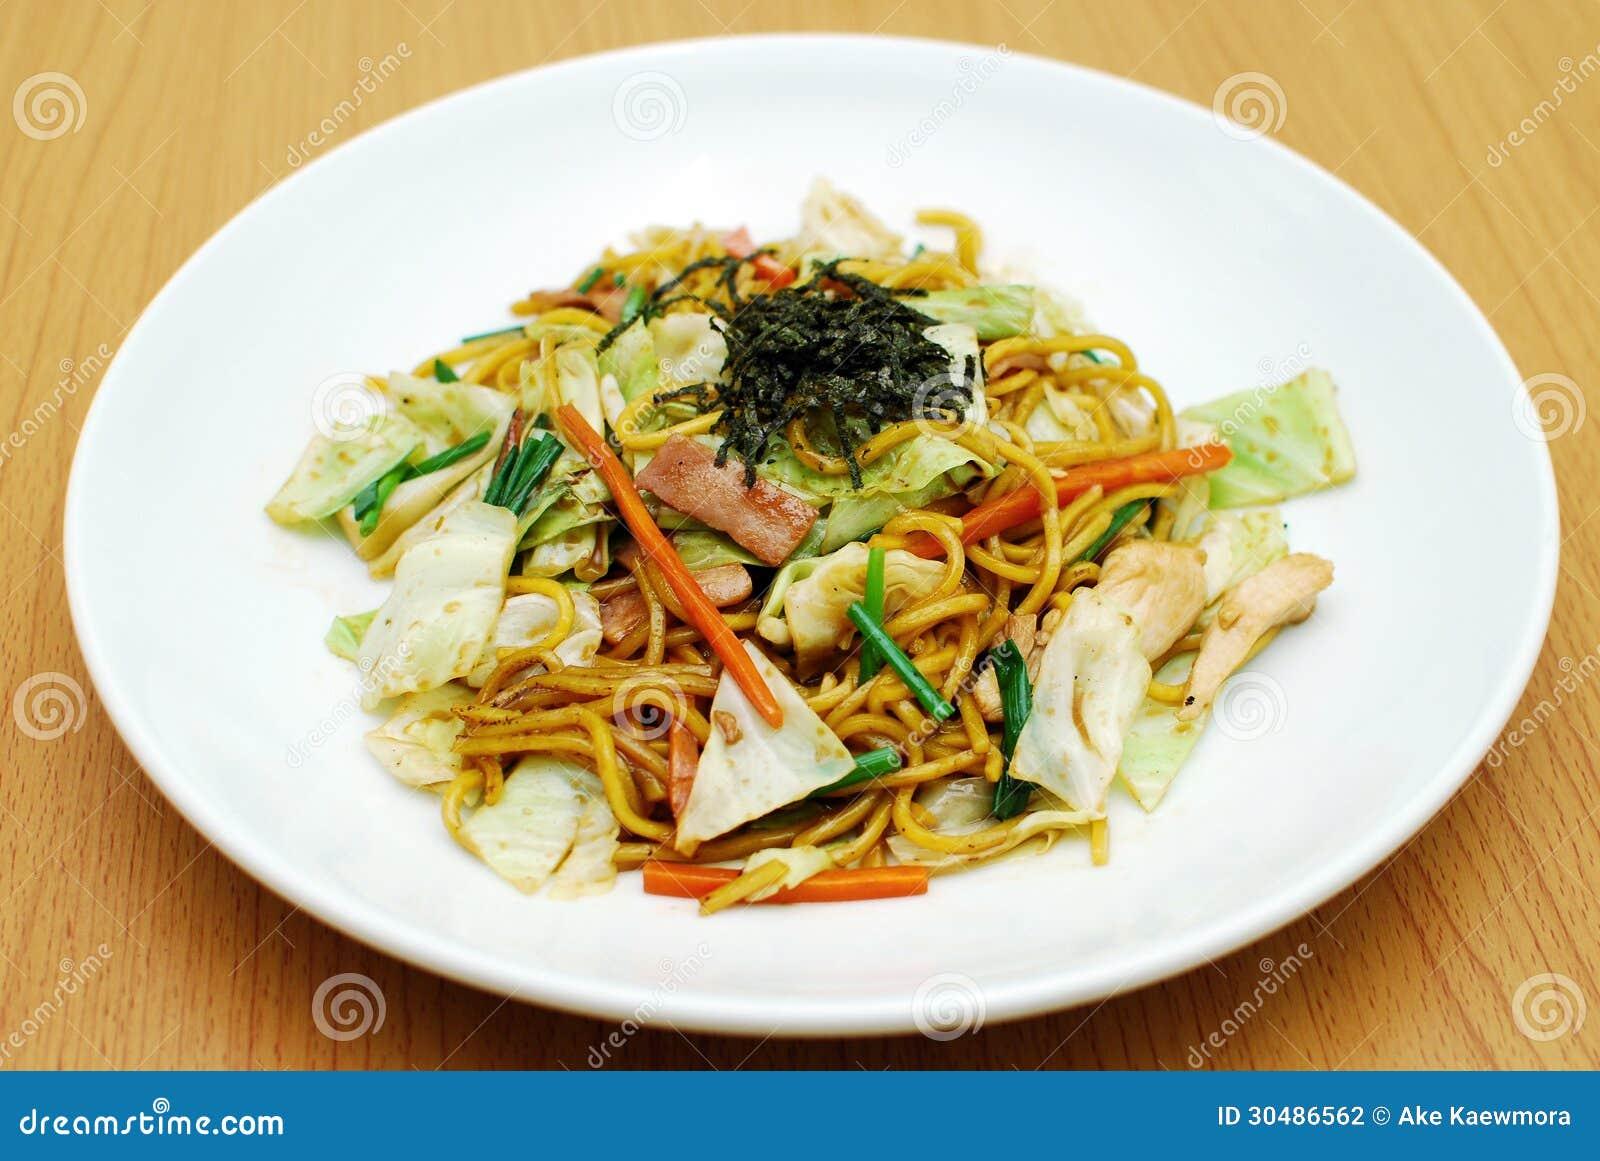 Yakisoba japanese style stir fried noodles.